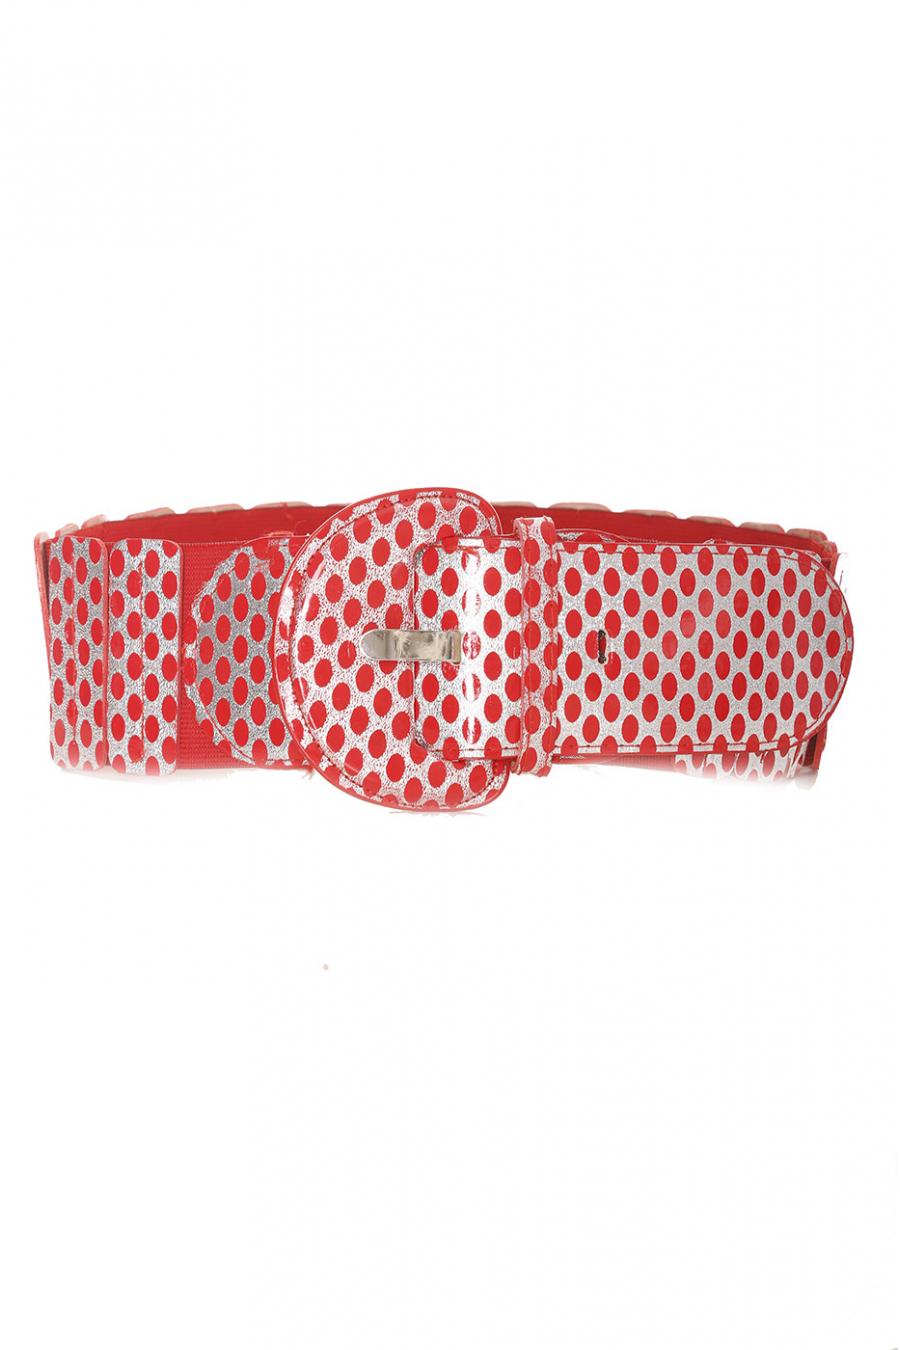 Ceinture élastique rouge avec imprimé - BG - P045